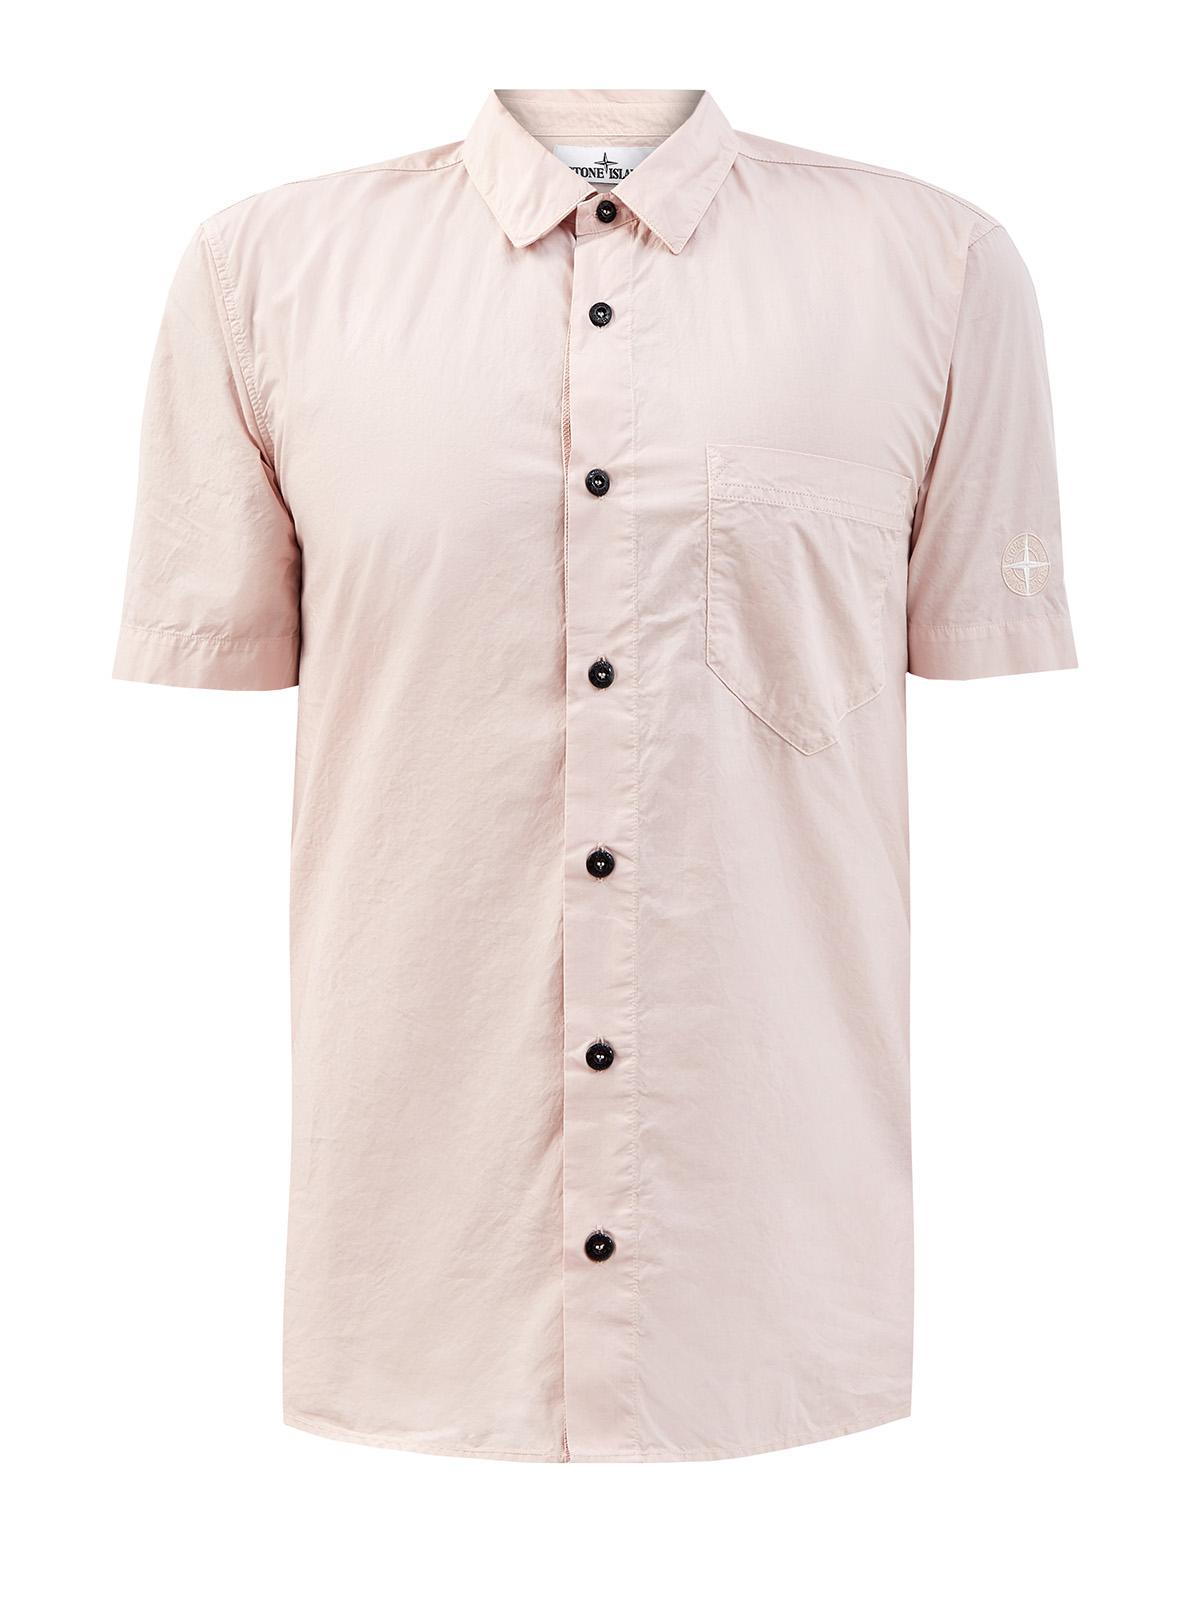 Окрашенная в готовом виде рубашка из легкого хлопка